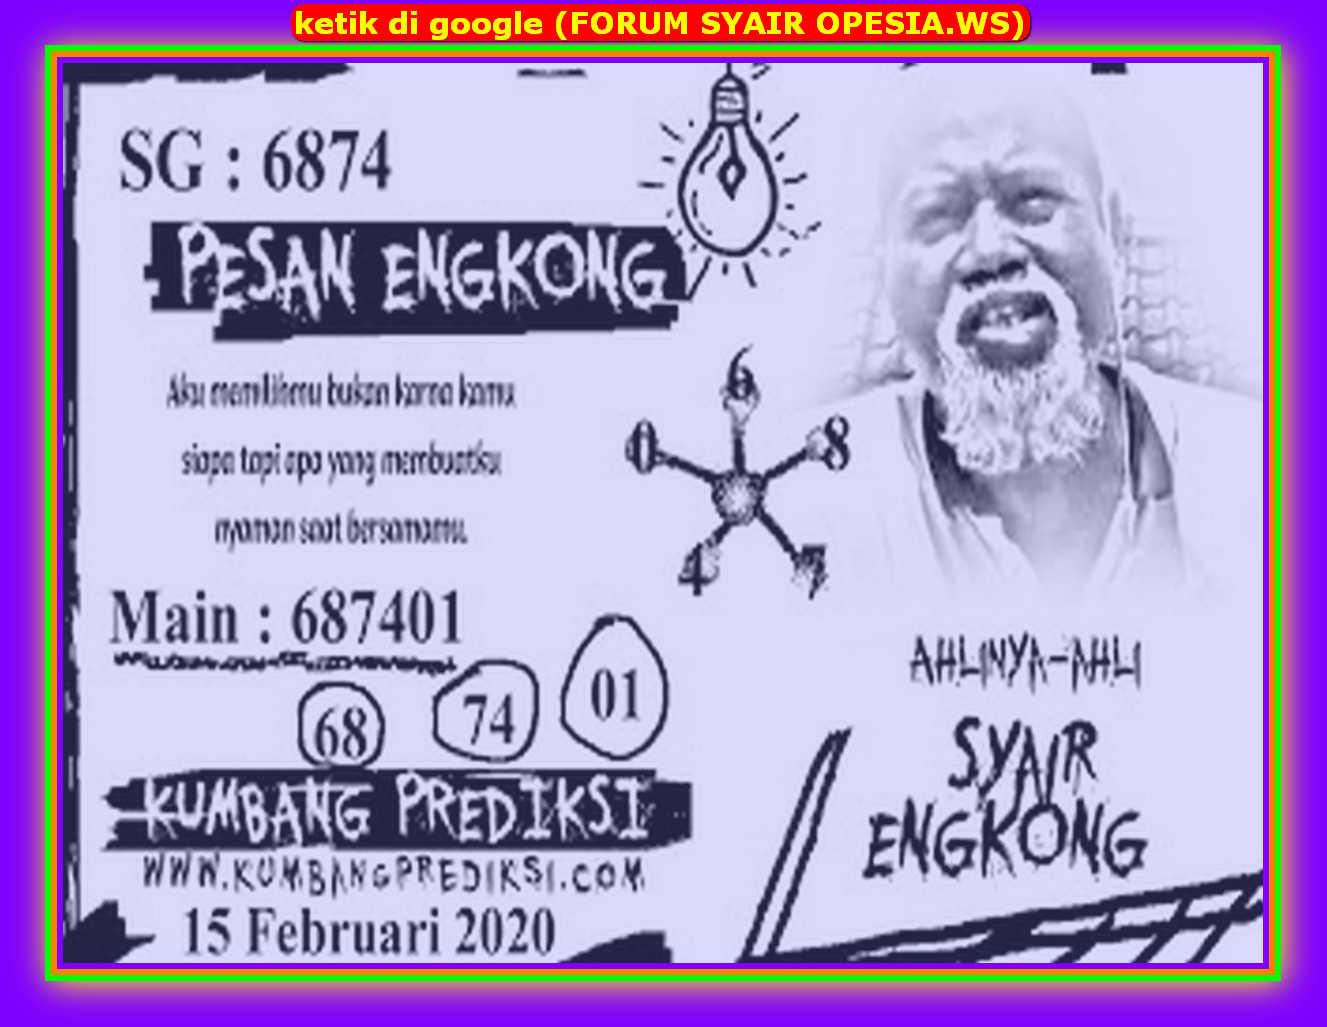 Kode syair Singapore Sabtu 15 Februari 2020 83